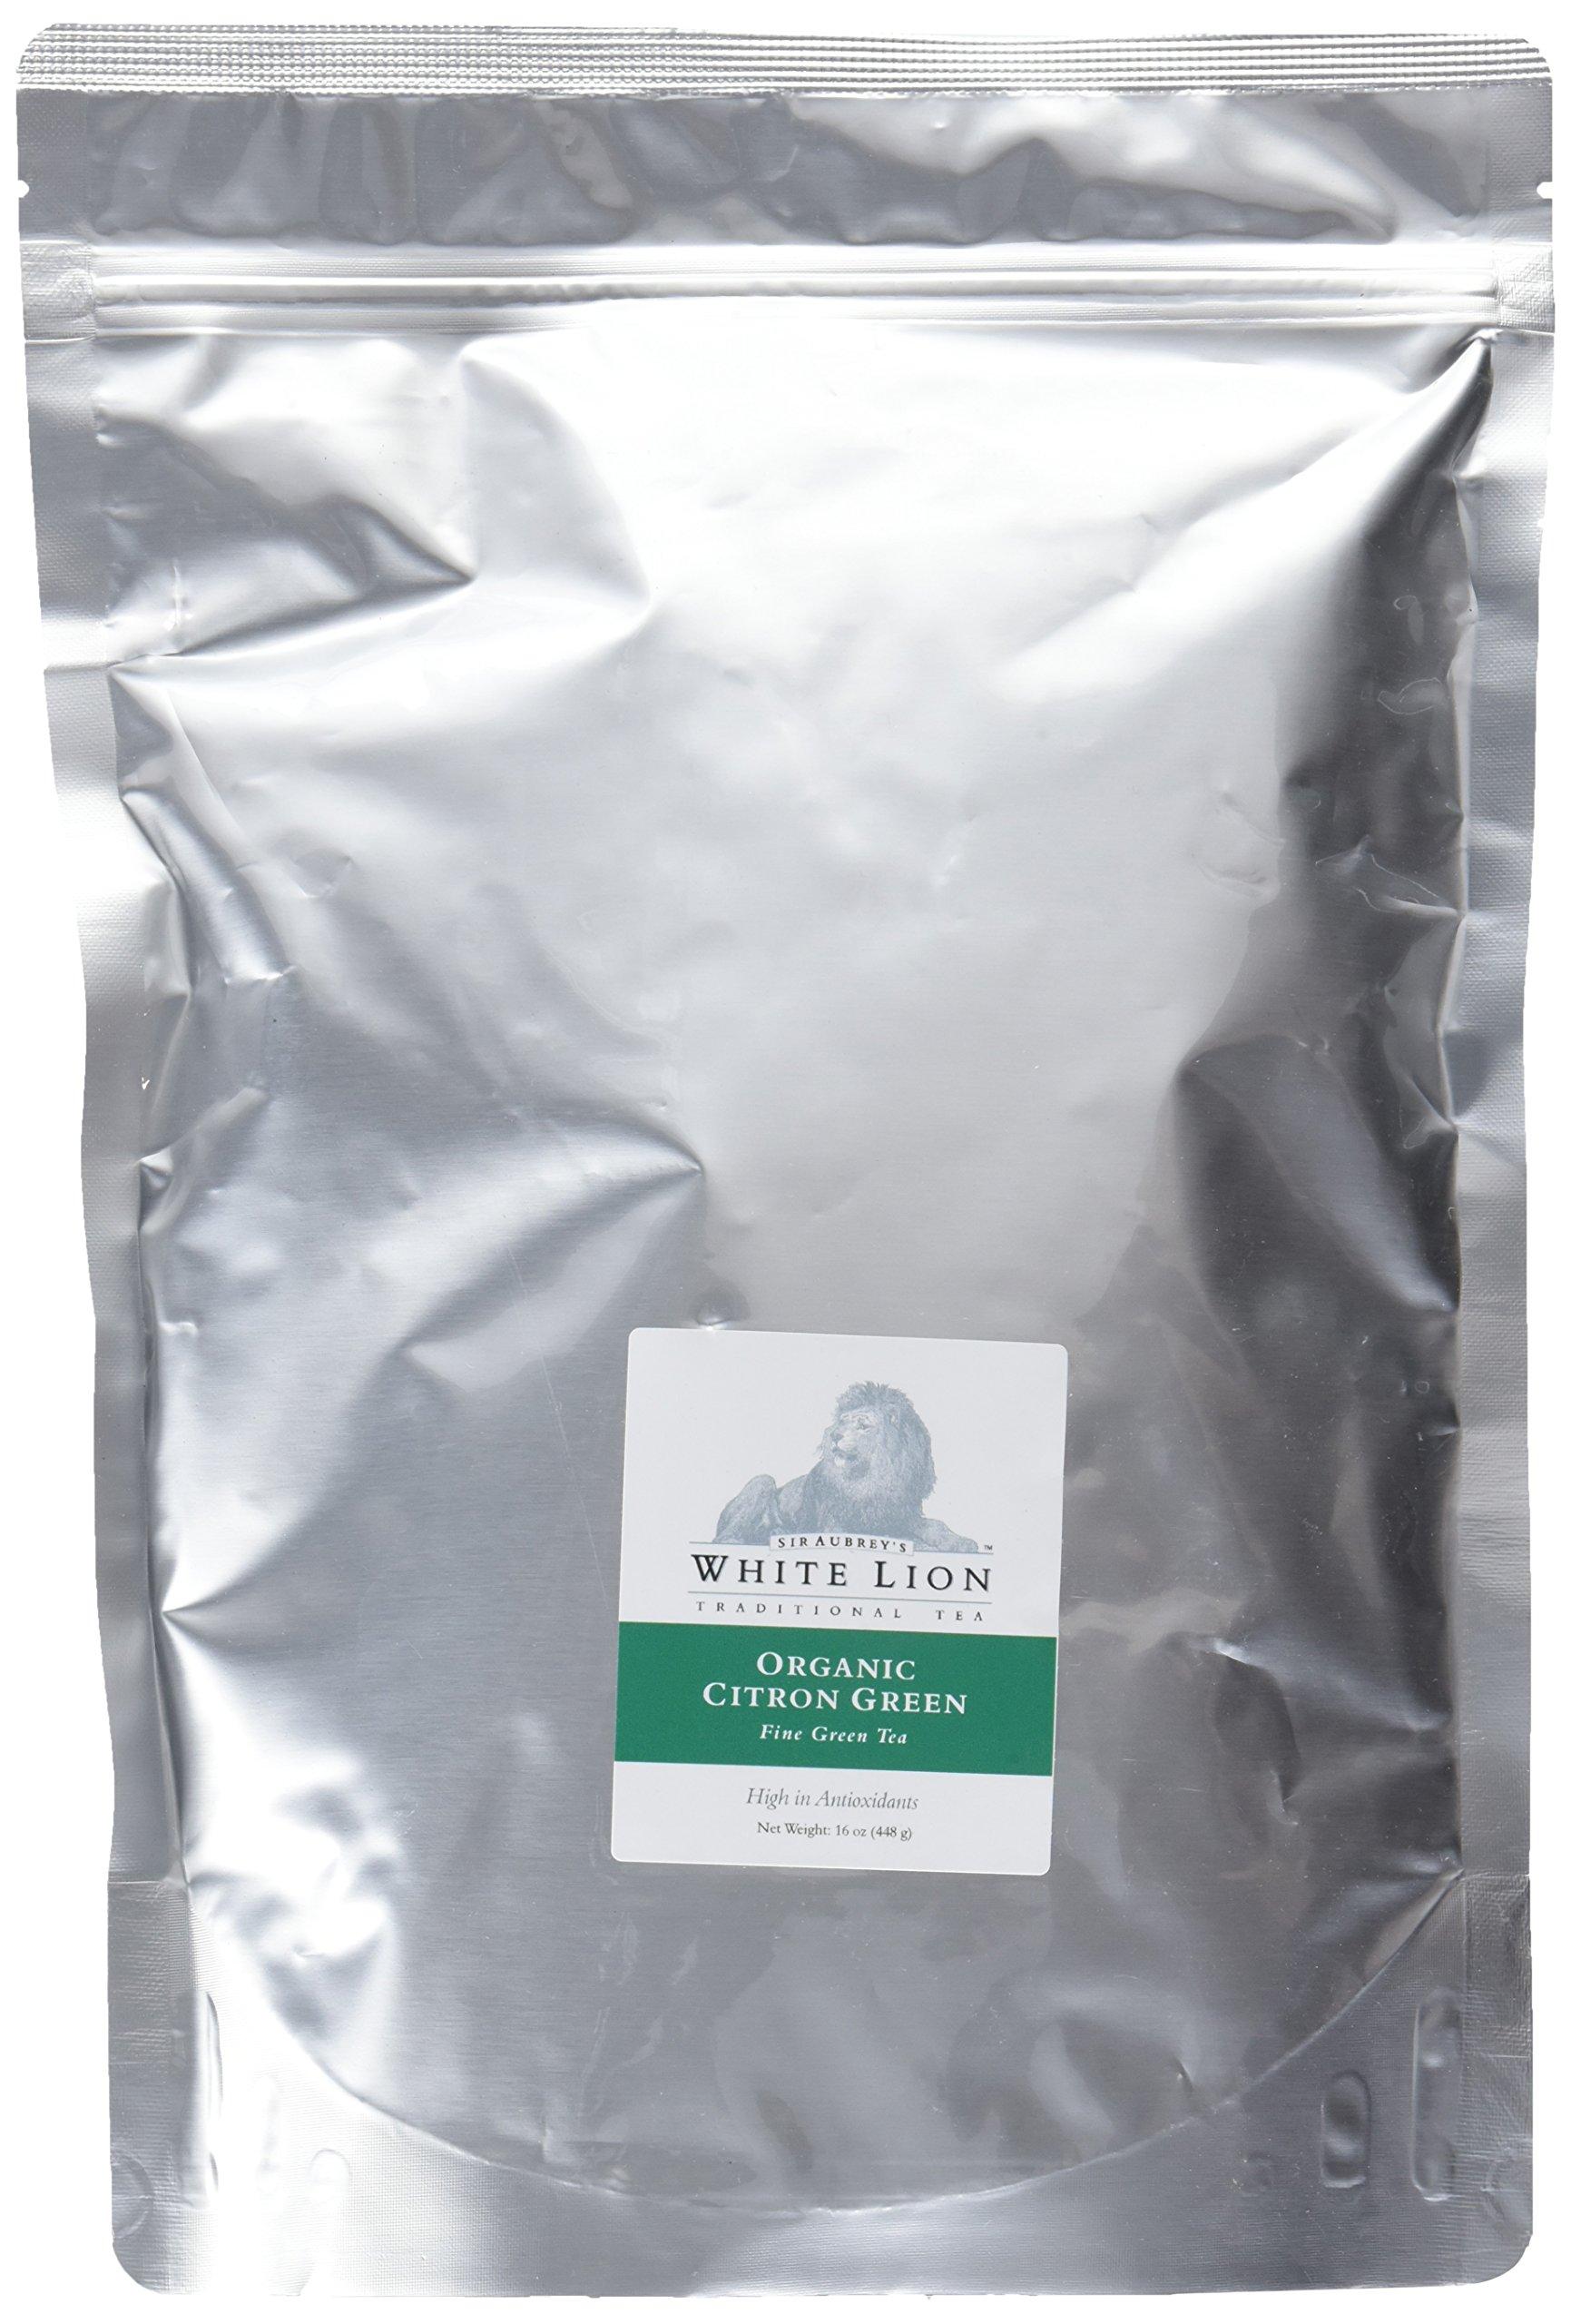 White Lion Organic Citron Green Loose Tea, 1 Pound